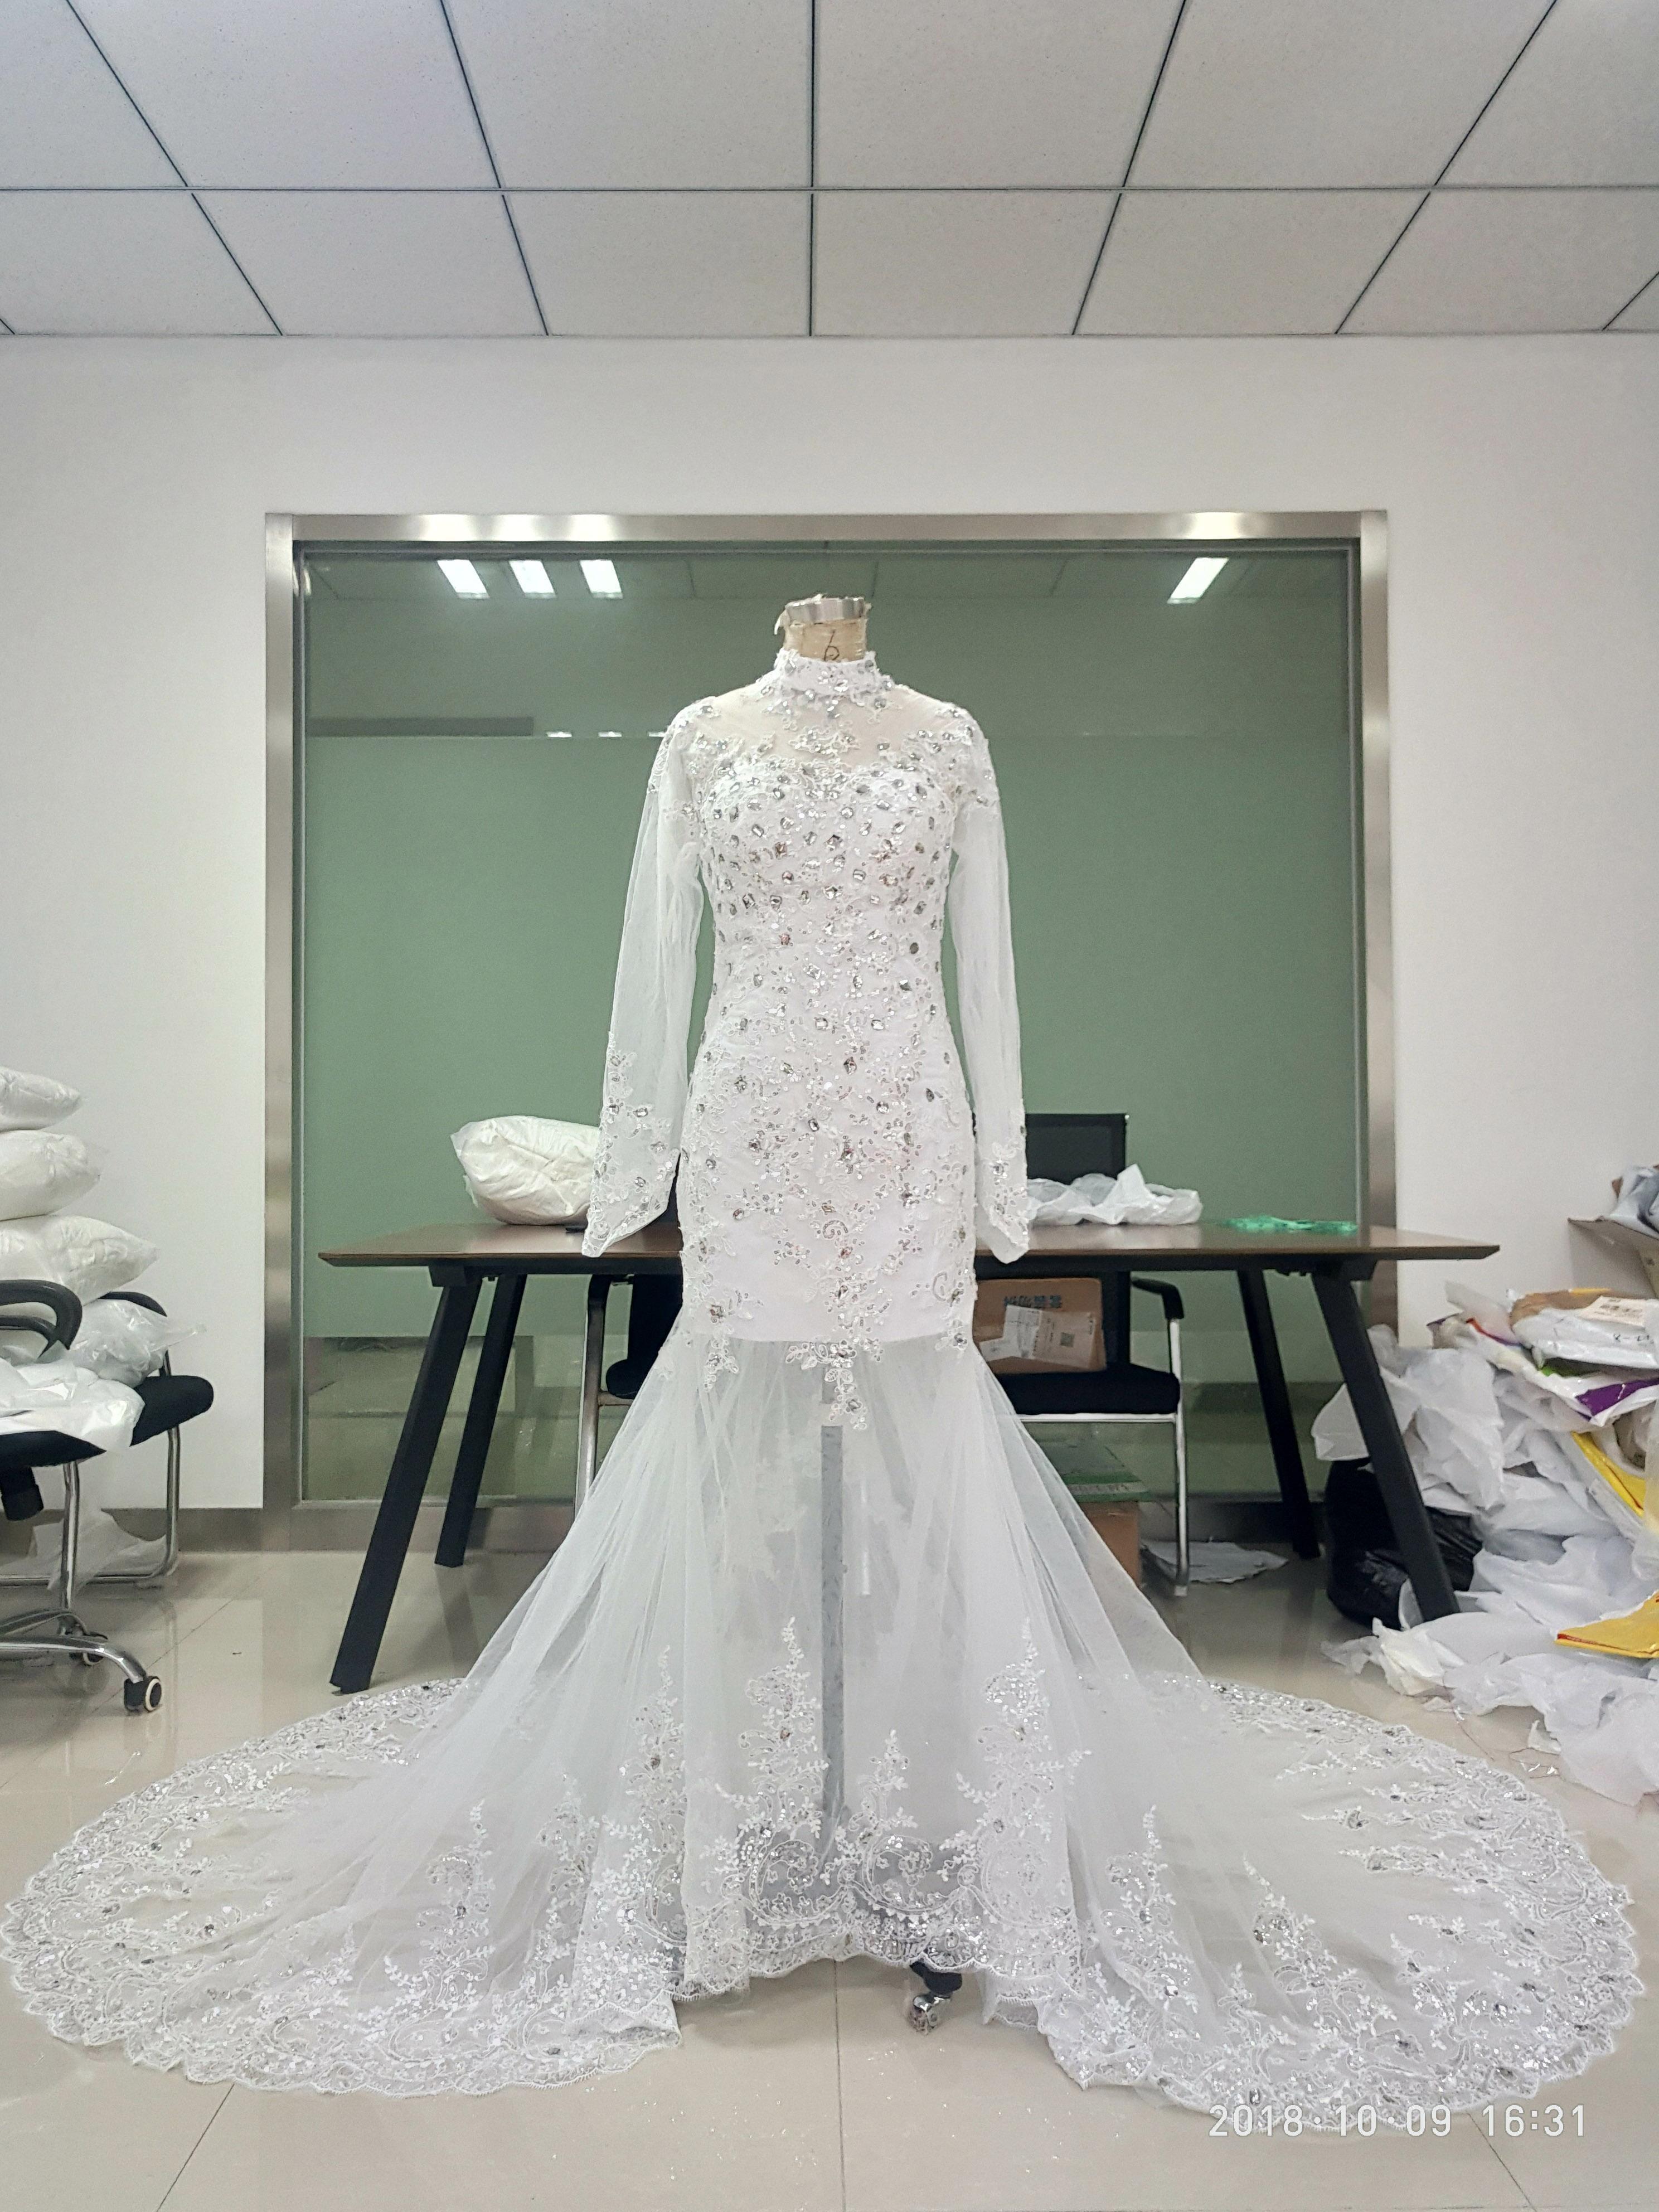 En stock col montant robes de mariée avec l'illusion à manches longues sirène Cristal Perle Dentelle Tulle Robe de mariée Appliques avec See Through Retour